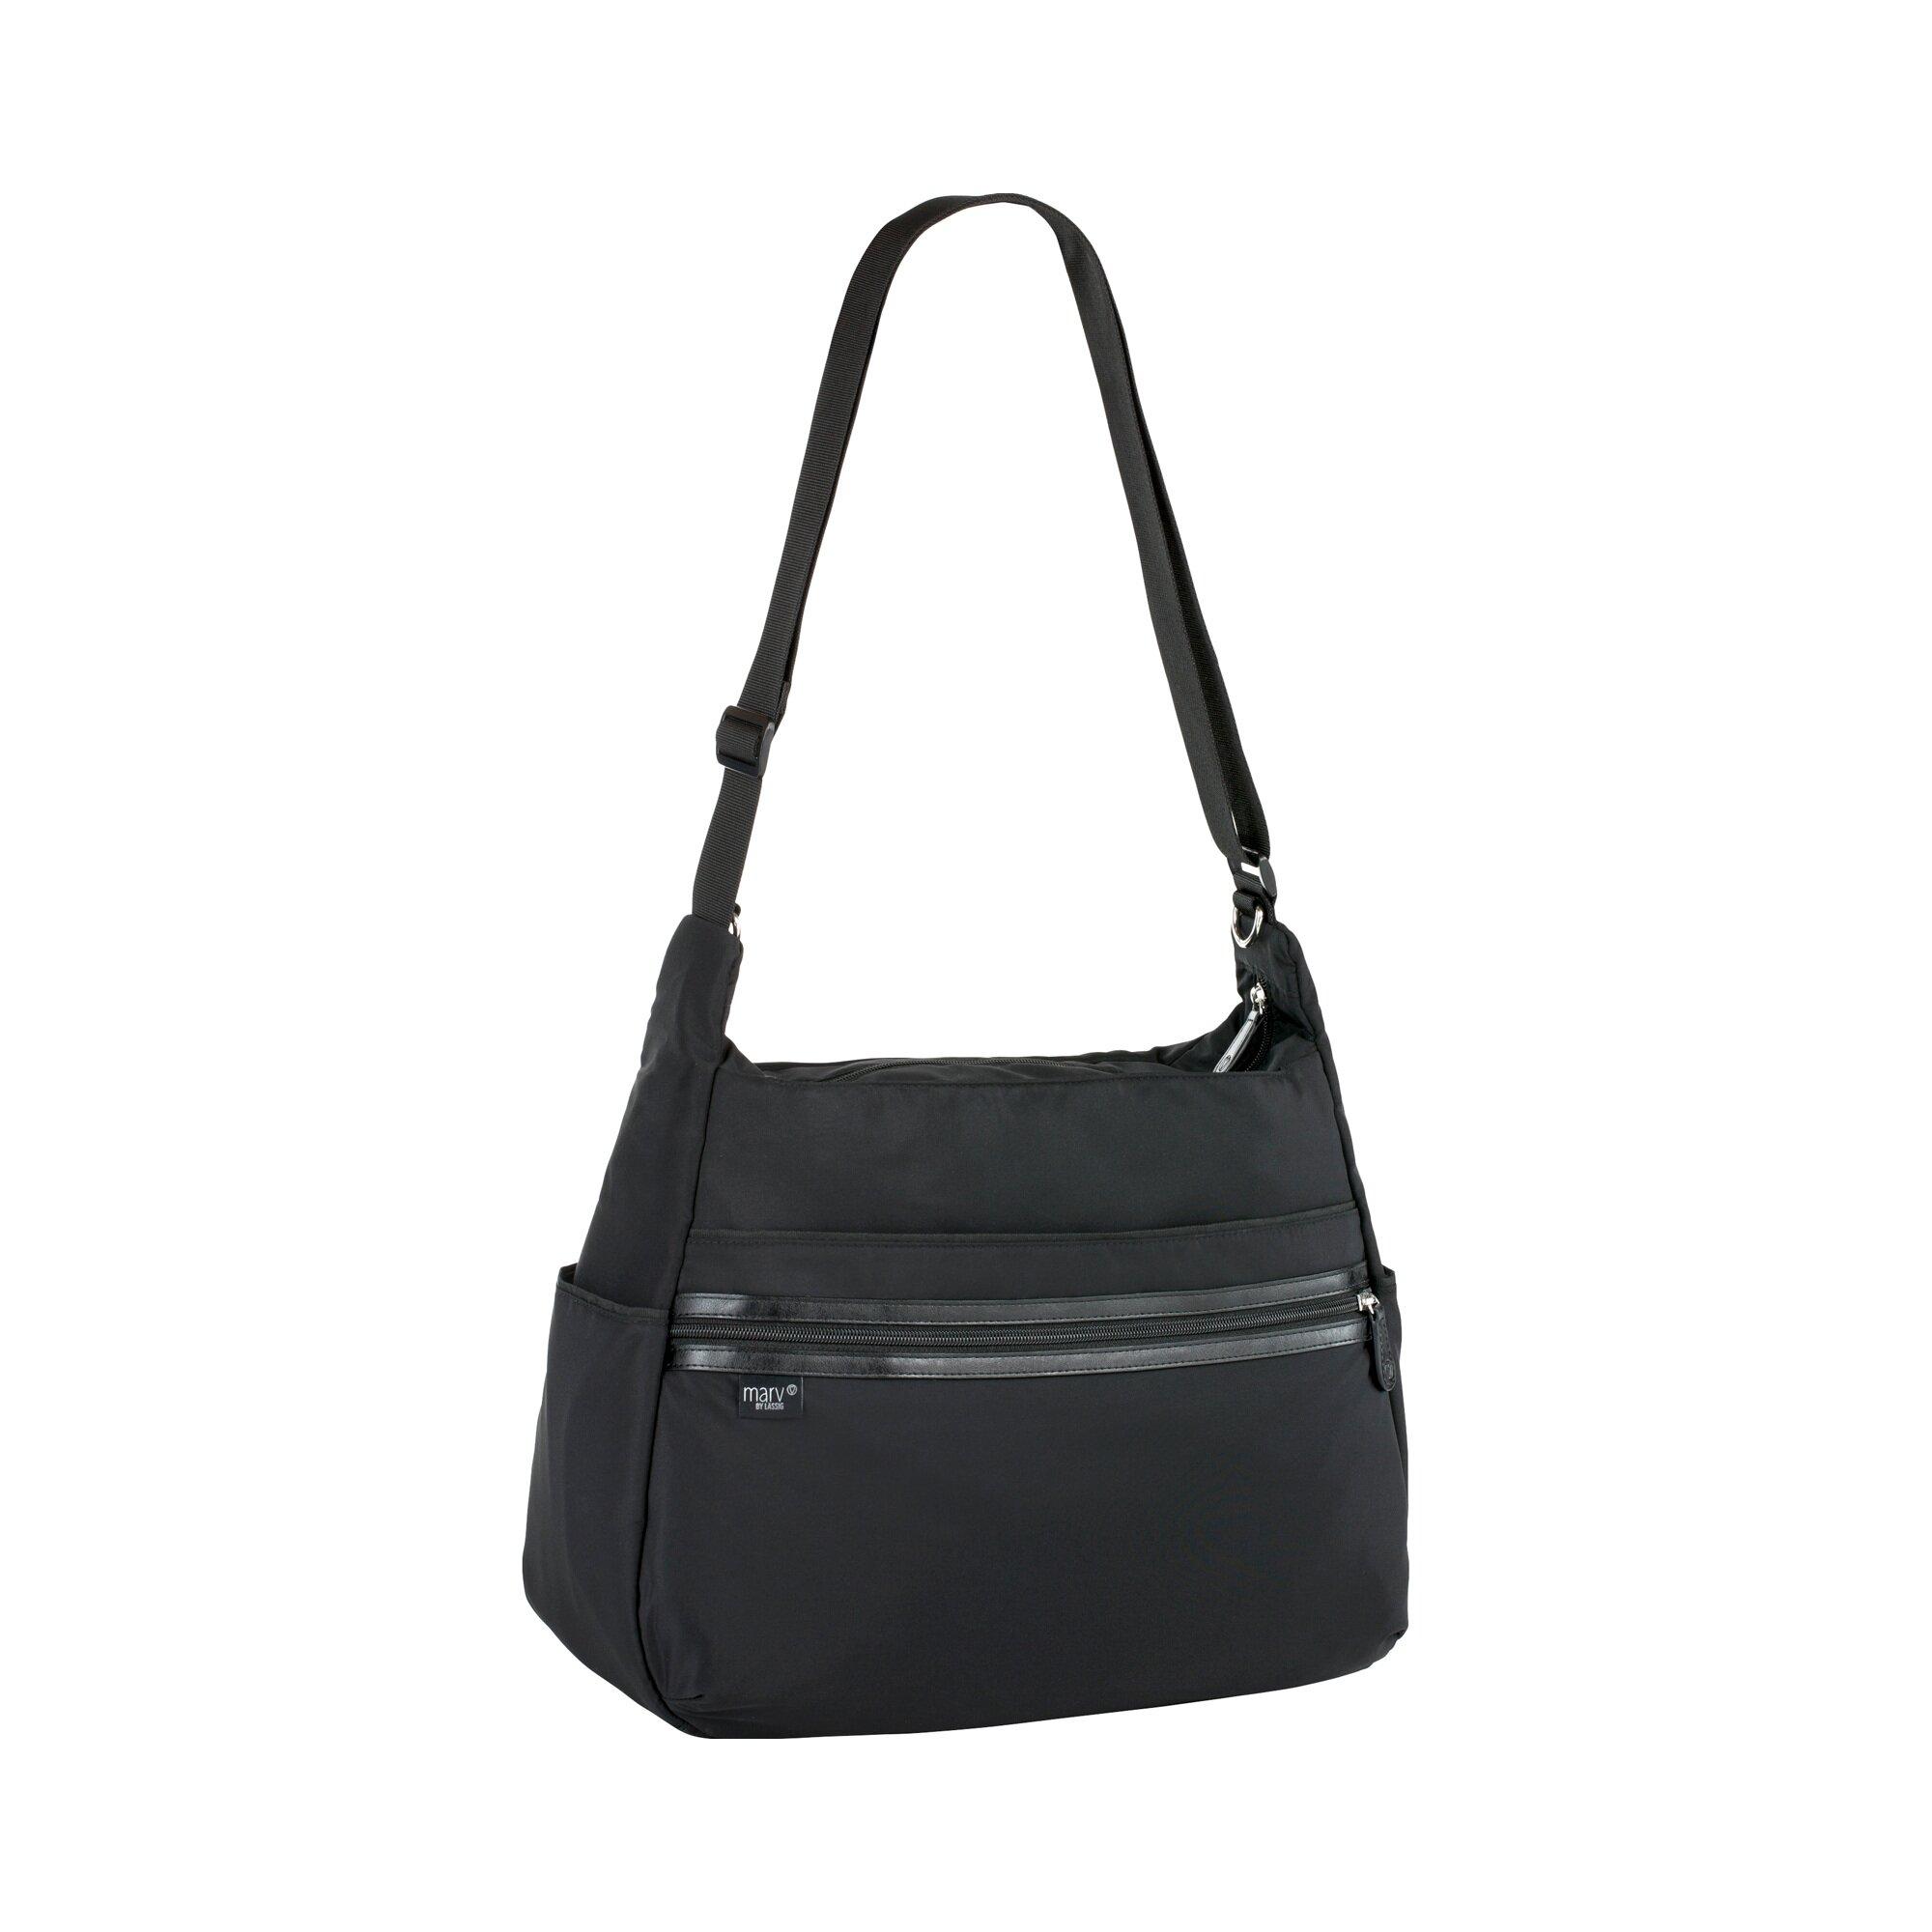 marv-by-lassig-wickeltasche-urban-bag-schwarz